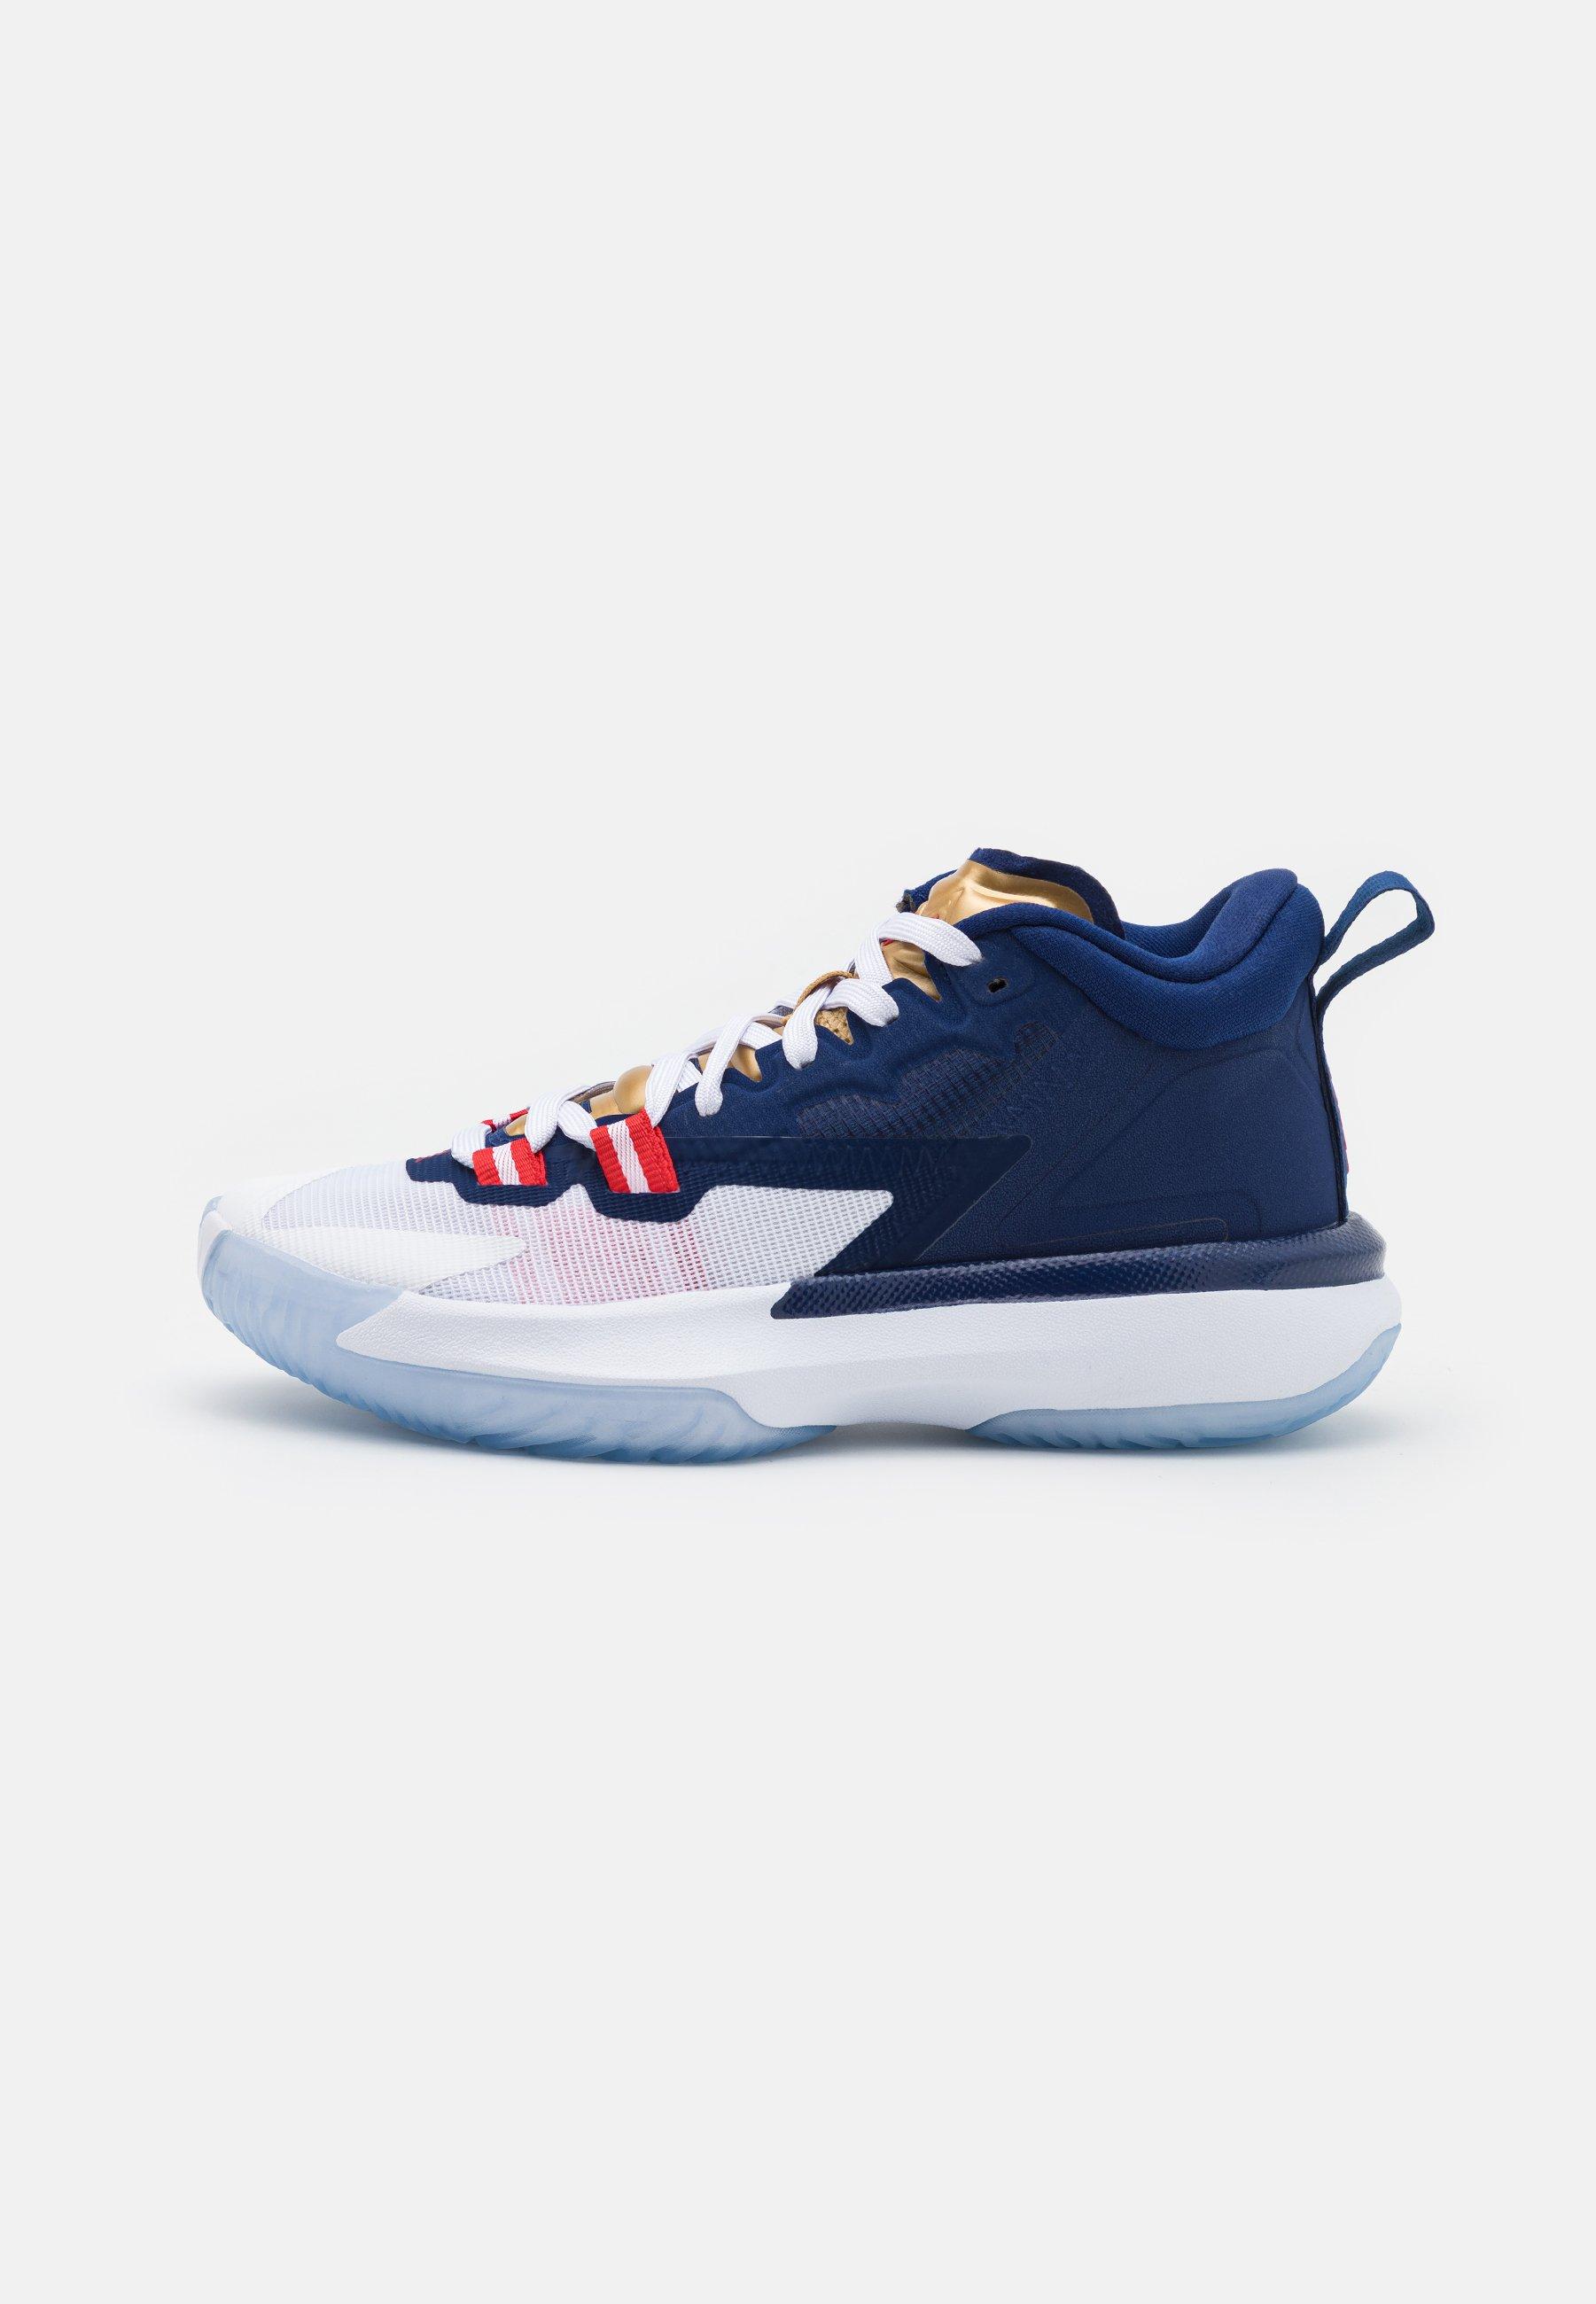 Enfant ZION 1 UNISEX - Chaussures de basket